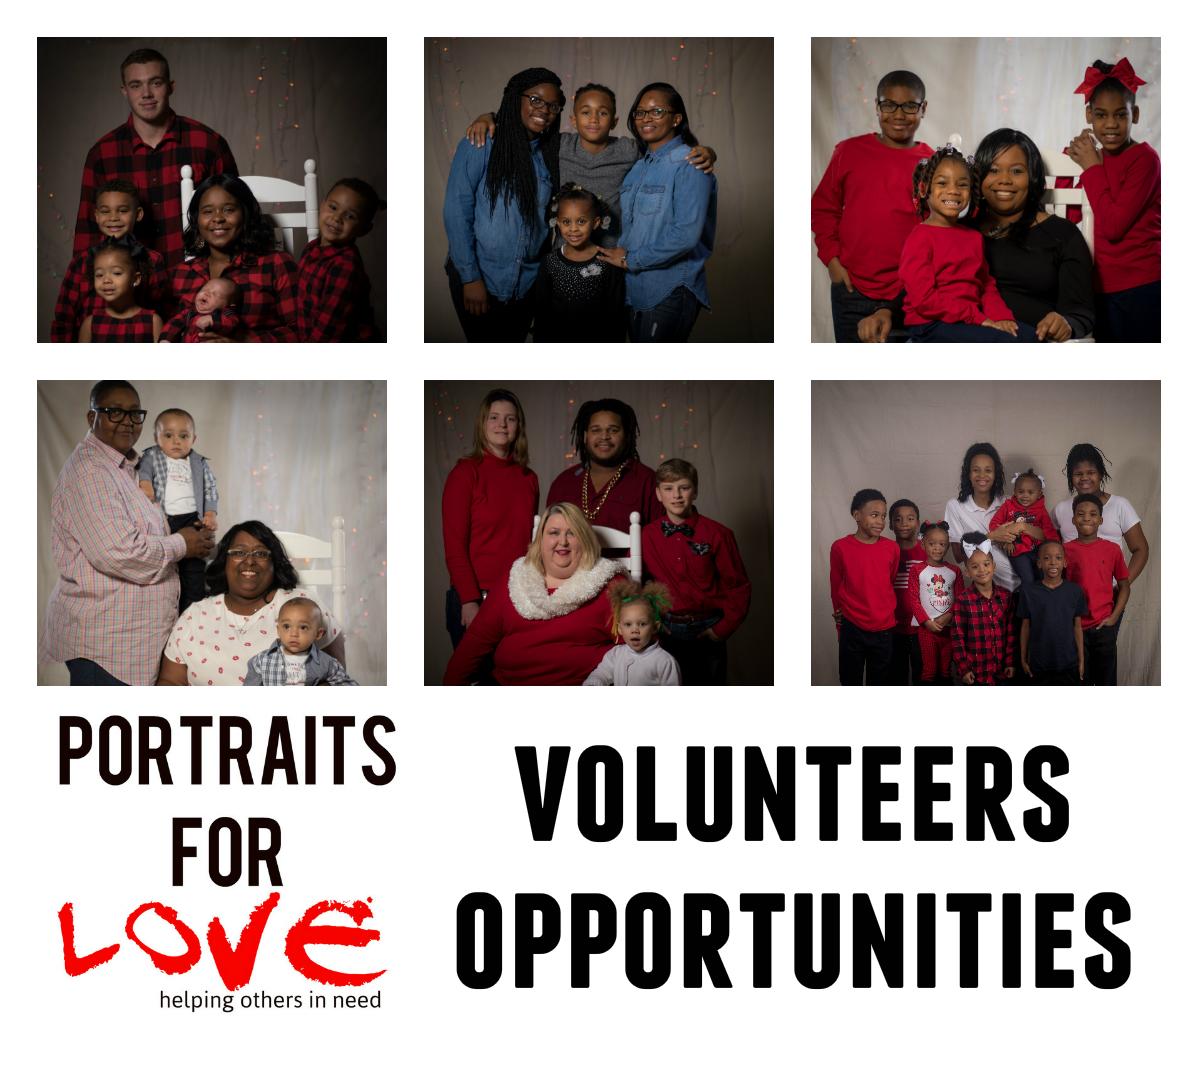 volunteers opportunities.jpg